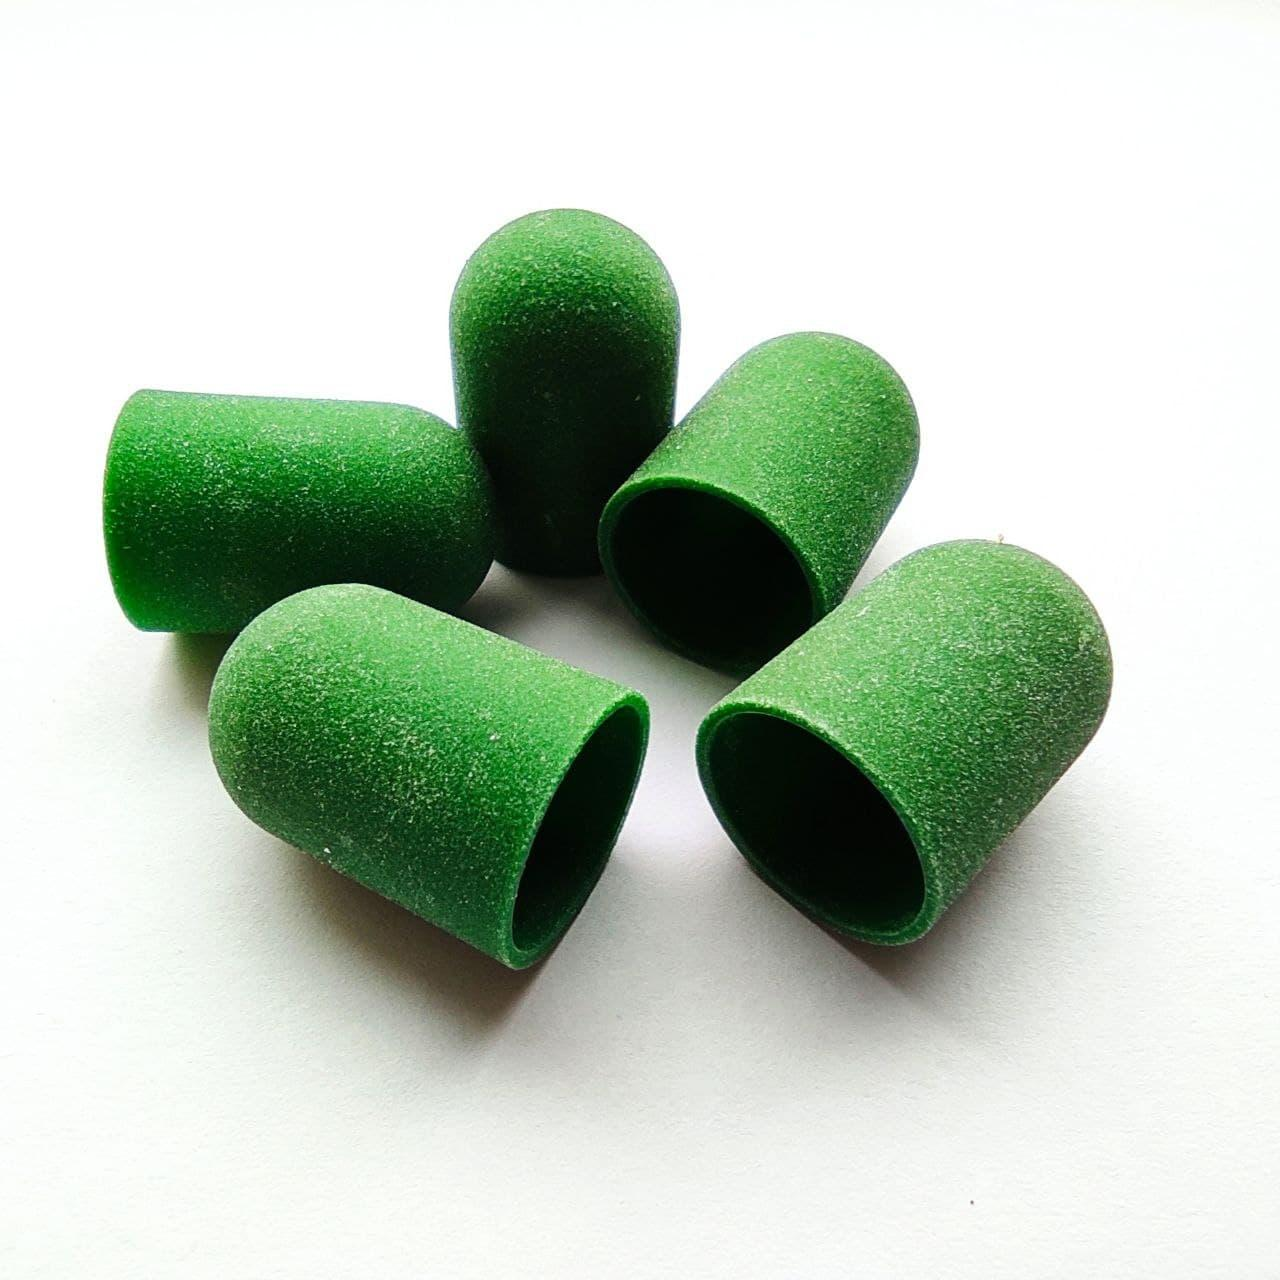 Ковпачки абразиву для педикюру, 16*25мм 180гритт